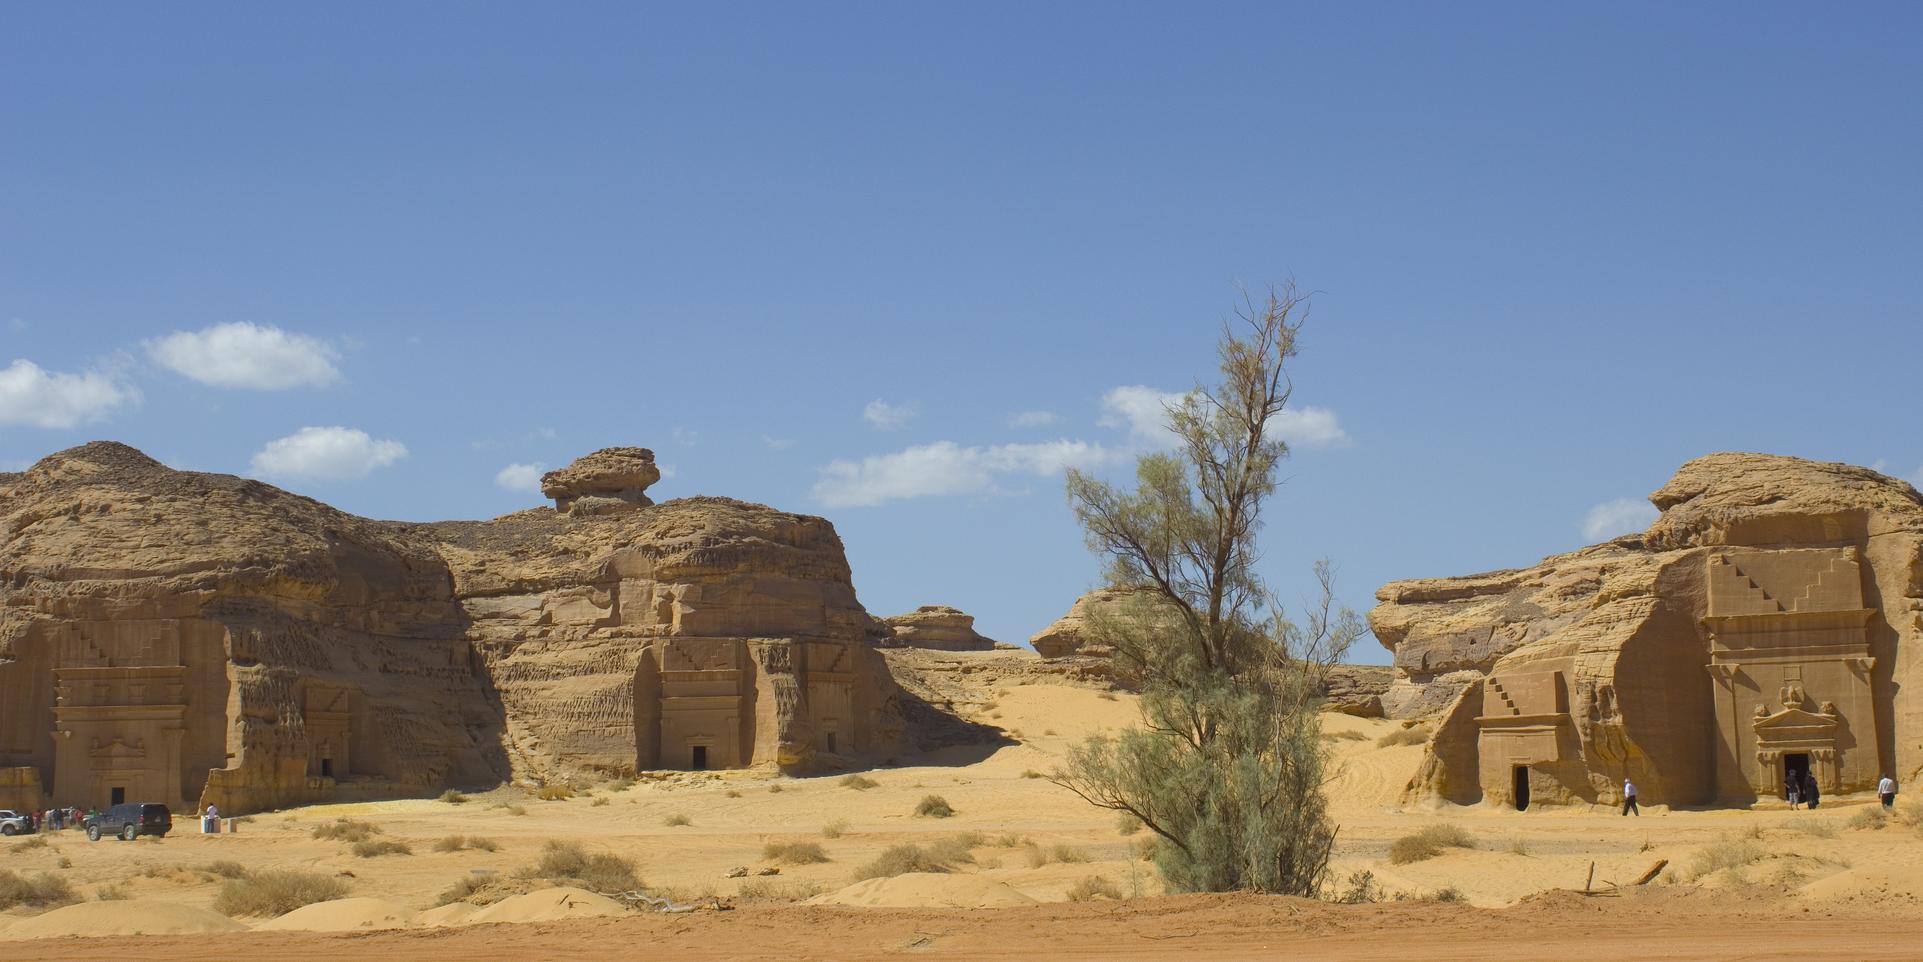 Arabie saoudite: les fouilles archéologiques du site d'Al-Ula confiées à la France